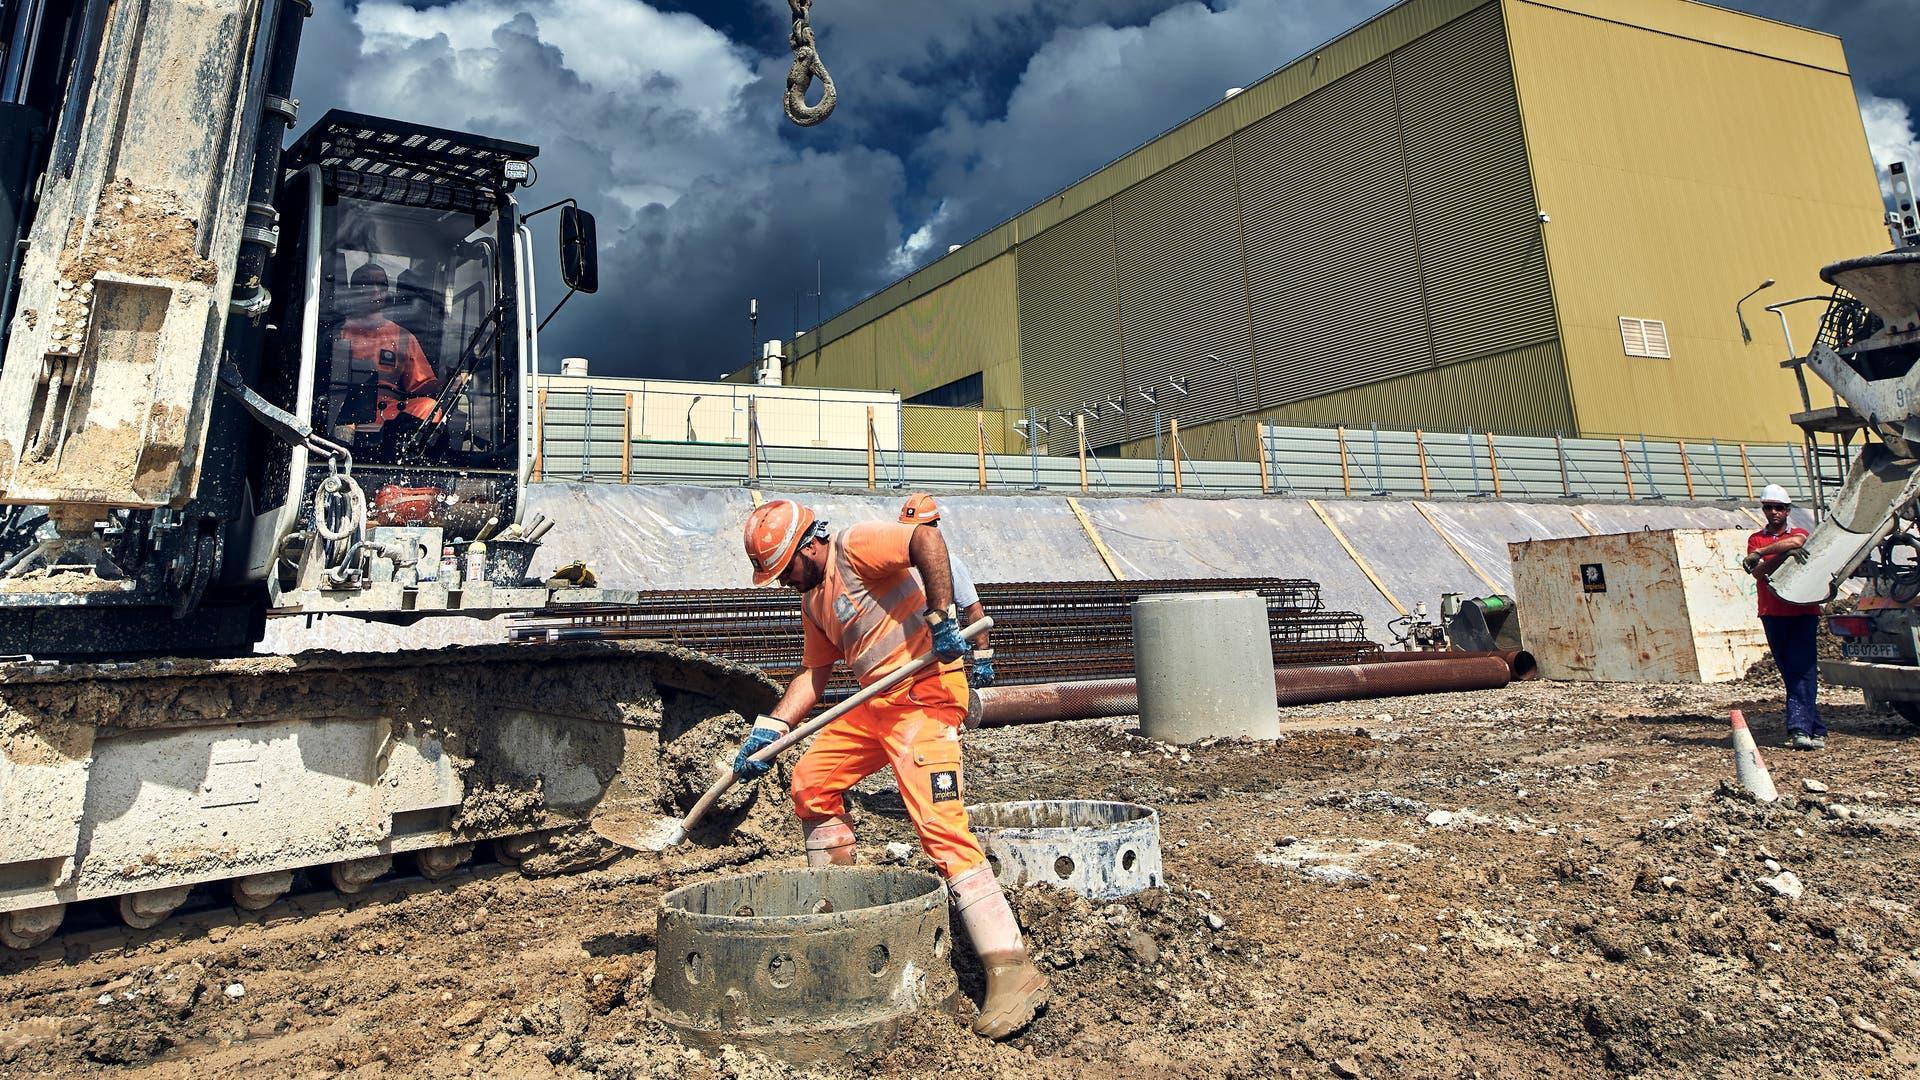 Baubarbeiten am LHC im Jahr 2018